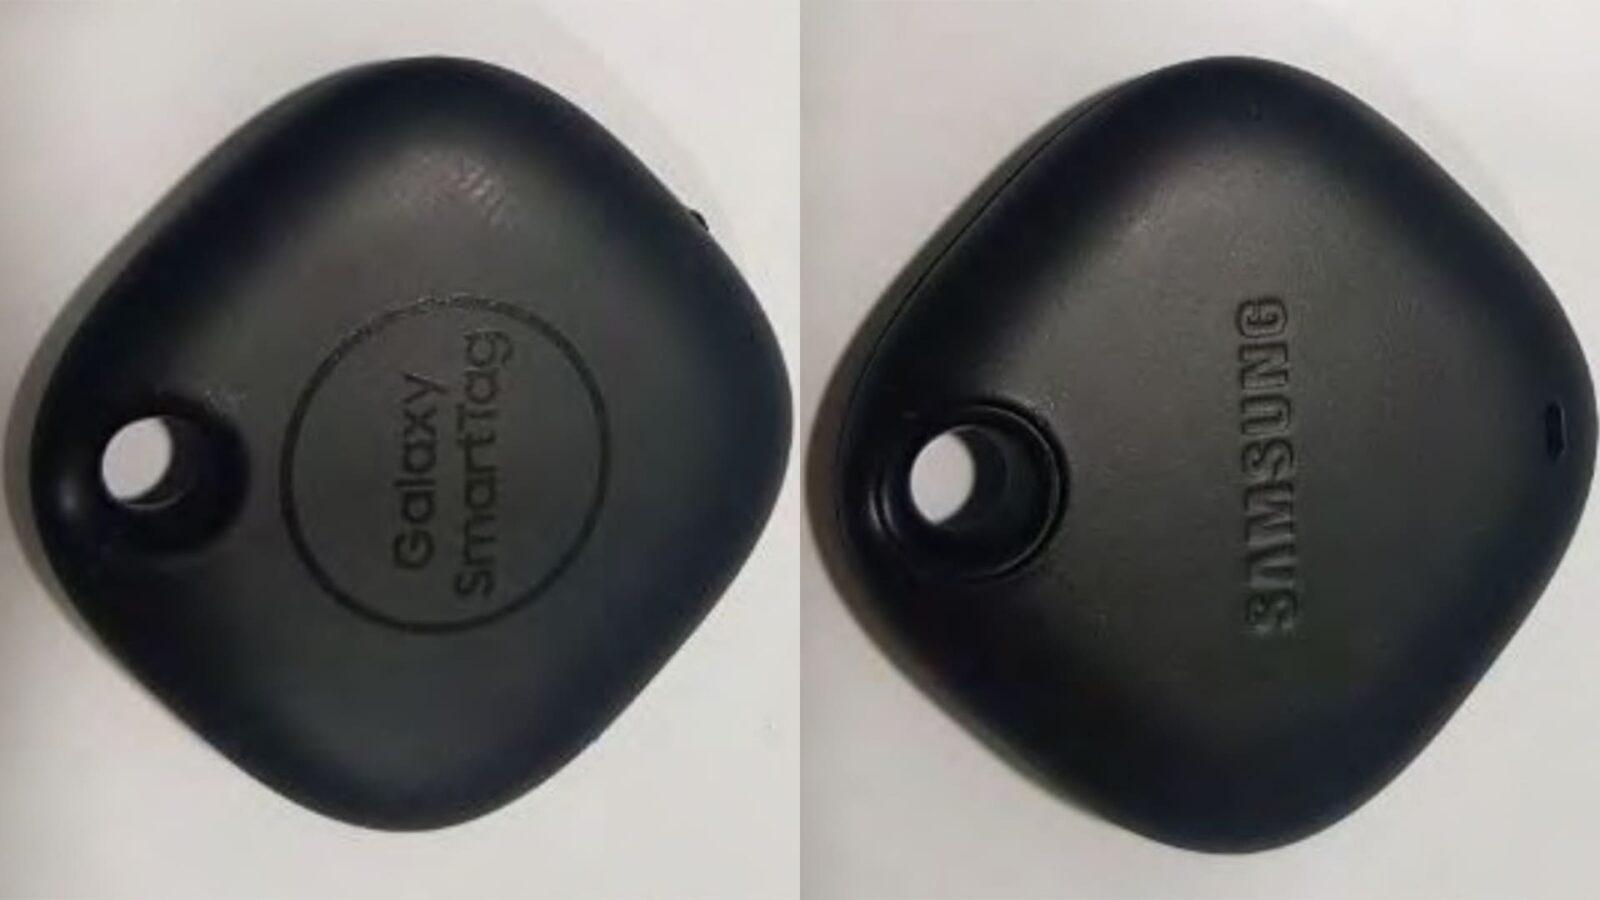 Samsung Galaxy SmartTag filtrado imagenes